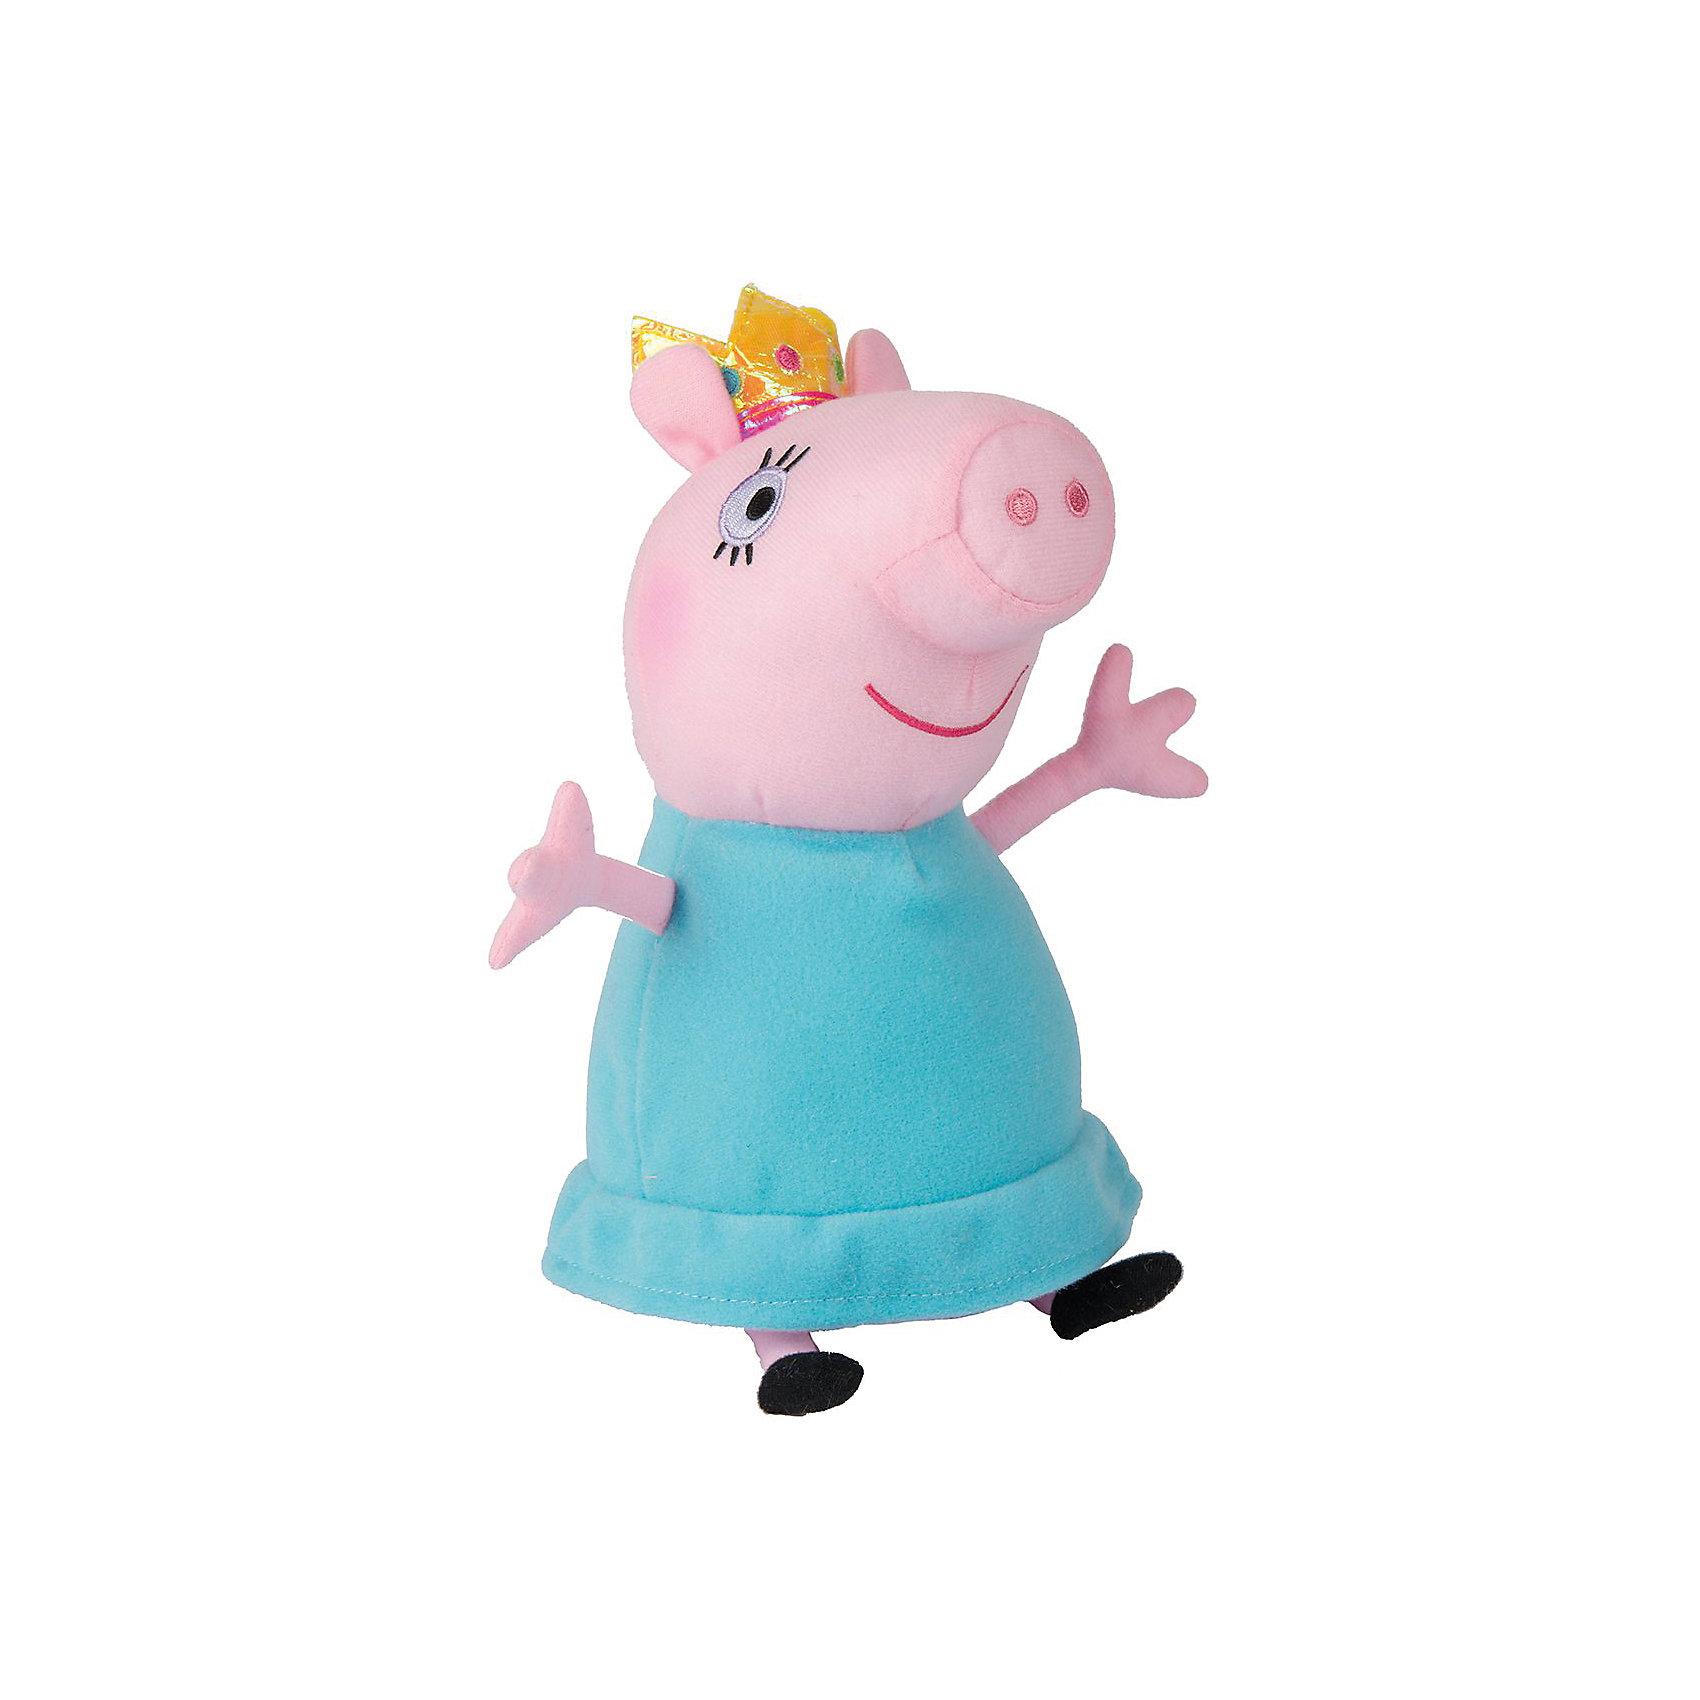 Мягкая игрушка Мама-Свинка королева, 30 см, Peppa PigЛюбимые герои<br>Мягкая игрушка Мама-Свинка королева, 30 см, Peppa Pig (Свинка Пеппа). <br><br>Характеристика:<br><br>• Материал: пластик, текстиль, плюш.   <br>• Размер игрушки: 30 см.<br>• Игрушка мягкая, очень приятная на ощупь. <br><br>Игрушка в виде любимого персонажа мультсериала Peppa Pig, приведет в восторг любого ребенка! Мама-Свинка в образе королевы неотразима и восхитительна! Игрушка сшита из мягкого приятного на ощупь плюща. С ней очень весело играть днем и приятно засыпать вечером.<br>Собери всю коллекцию плюшевых игрушек Peppa Pig проигрывай сцены из любимых мультфильмов или придумывай свои забавные и интересные истории!  <br><br>Мягкую игрушку Мама-Свинка королева, 30 см, Peppa Pig (Свинка Пеппа), можно купить в нашем интернет-магазине.<br><br>Ширина мм: 230<br>Глубина мм: 135<br>Высота мм: 120<br>Вес г: 141<br>Возраст от месяцев: 36<br>Возраст до месяцев: 2147483647<br>Пол: Унисекс<br>Возраст: Детский<br>SKU: 5211684